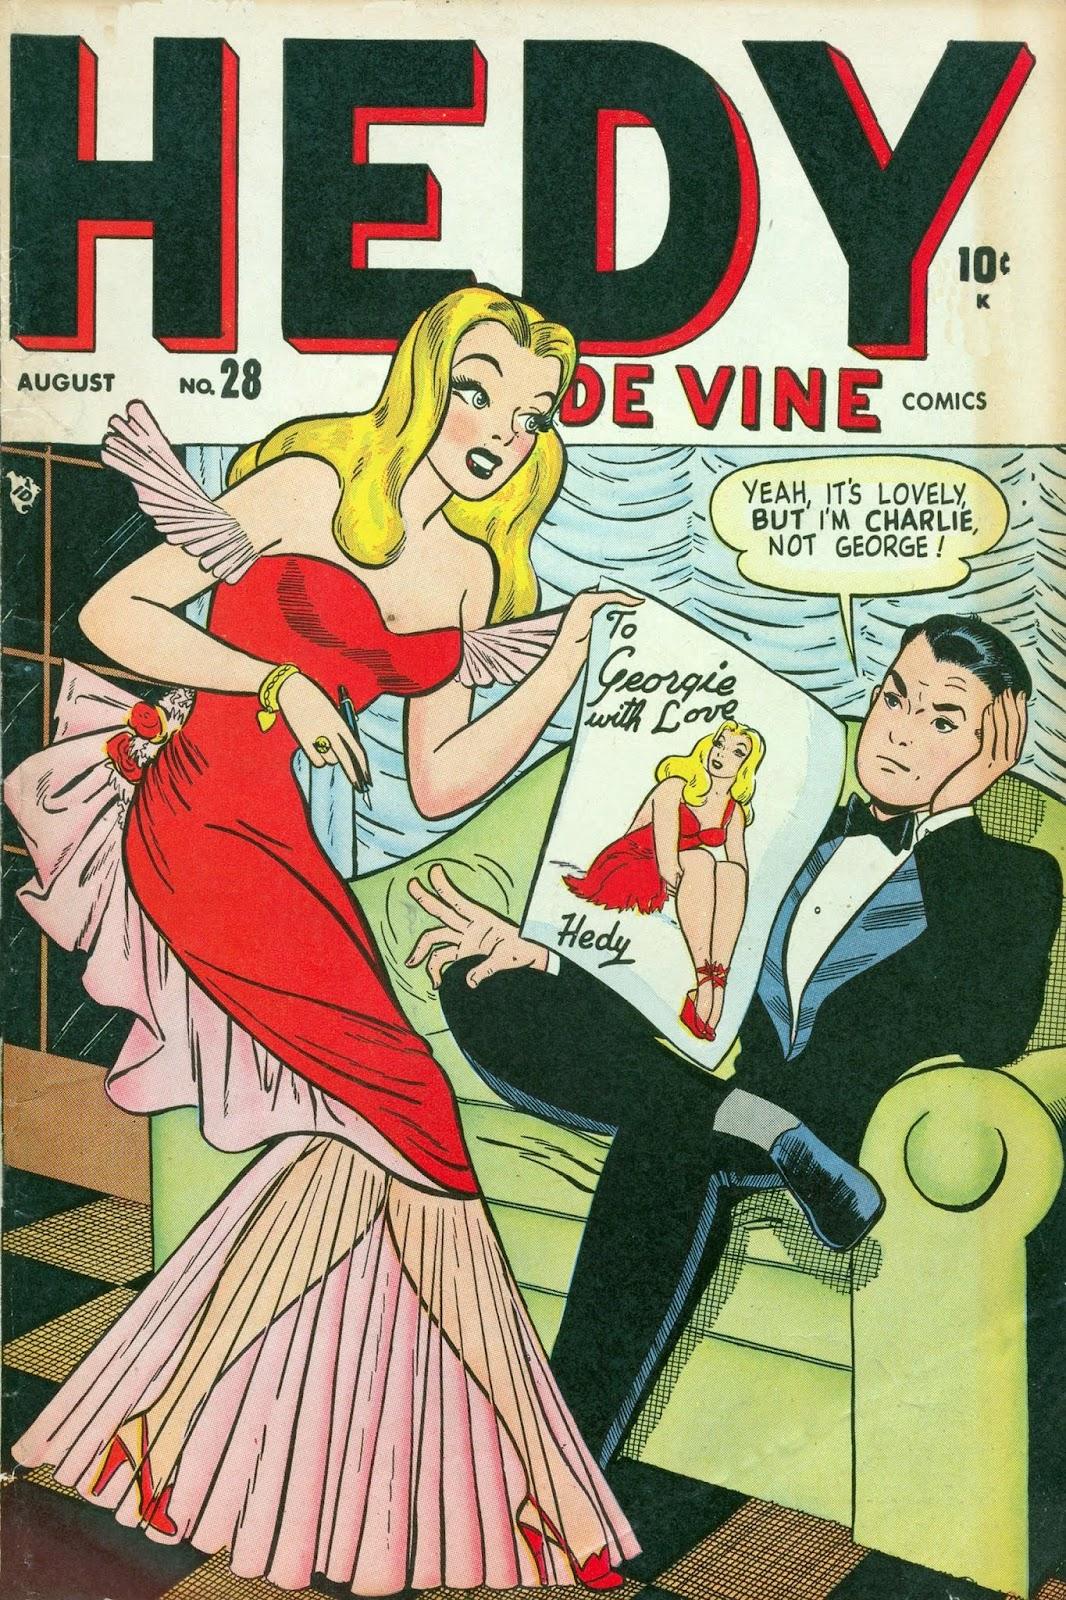 Hedy De Vine Comics issue 28 - Page 1